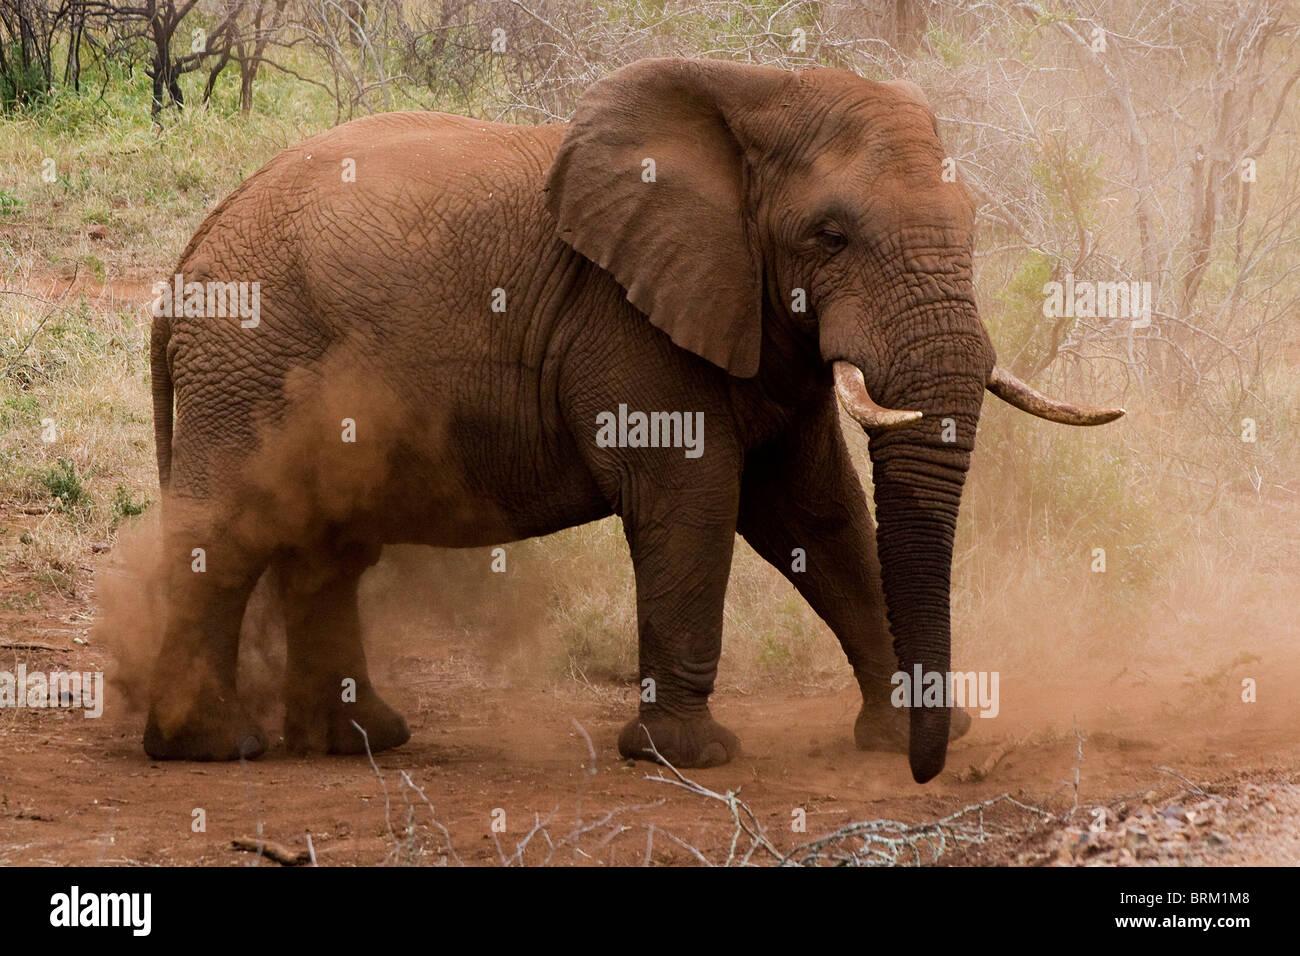 Elephant kicking up red dust - Stock Image